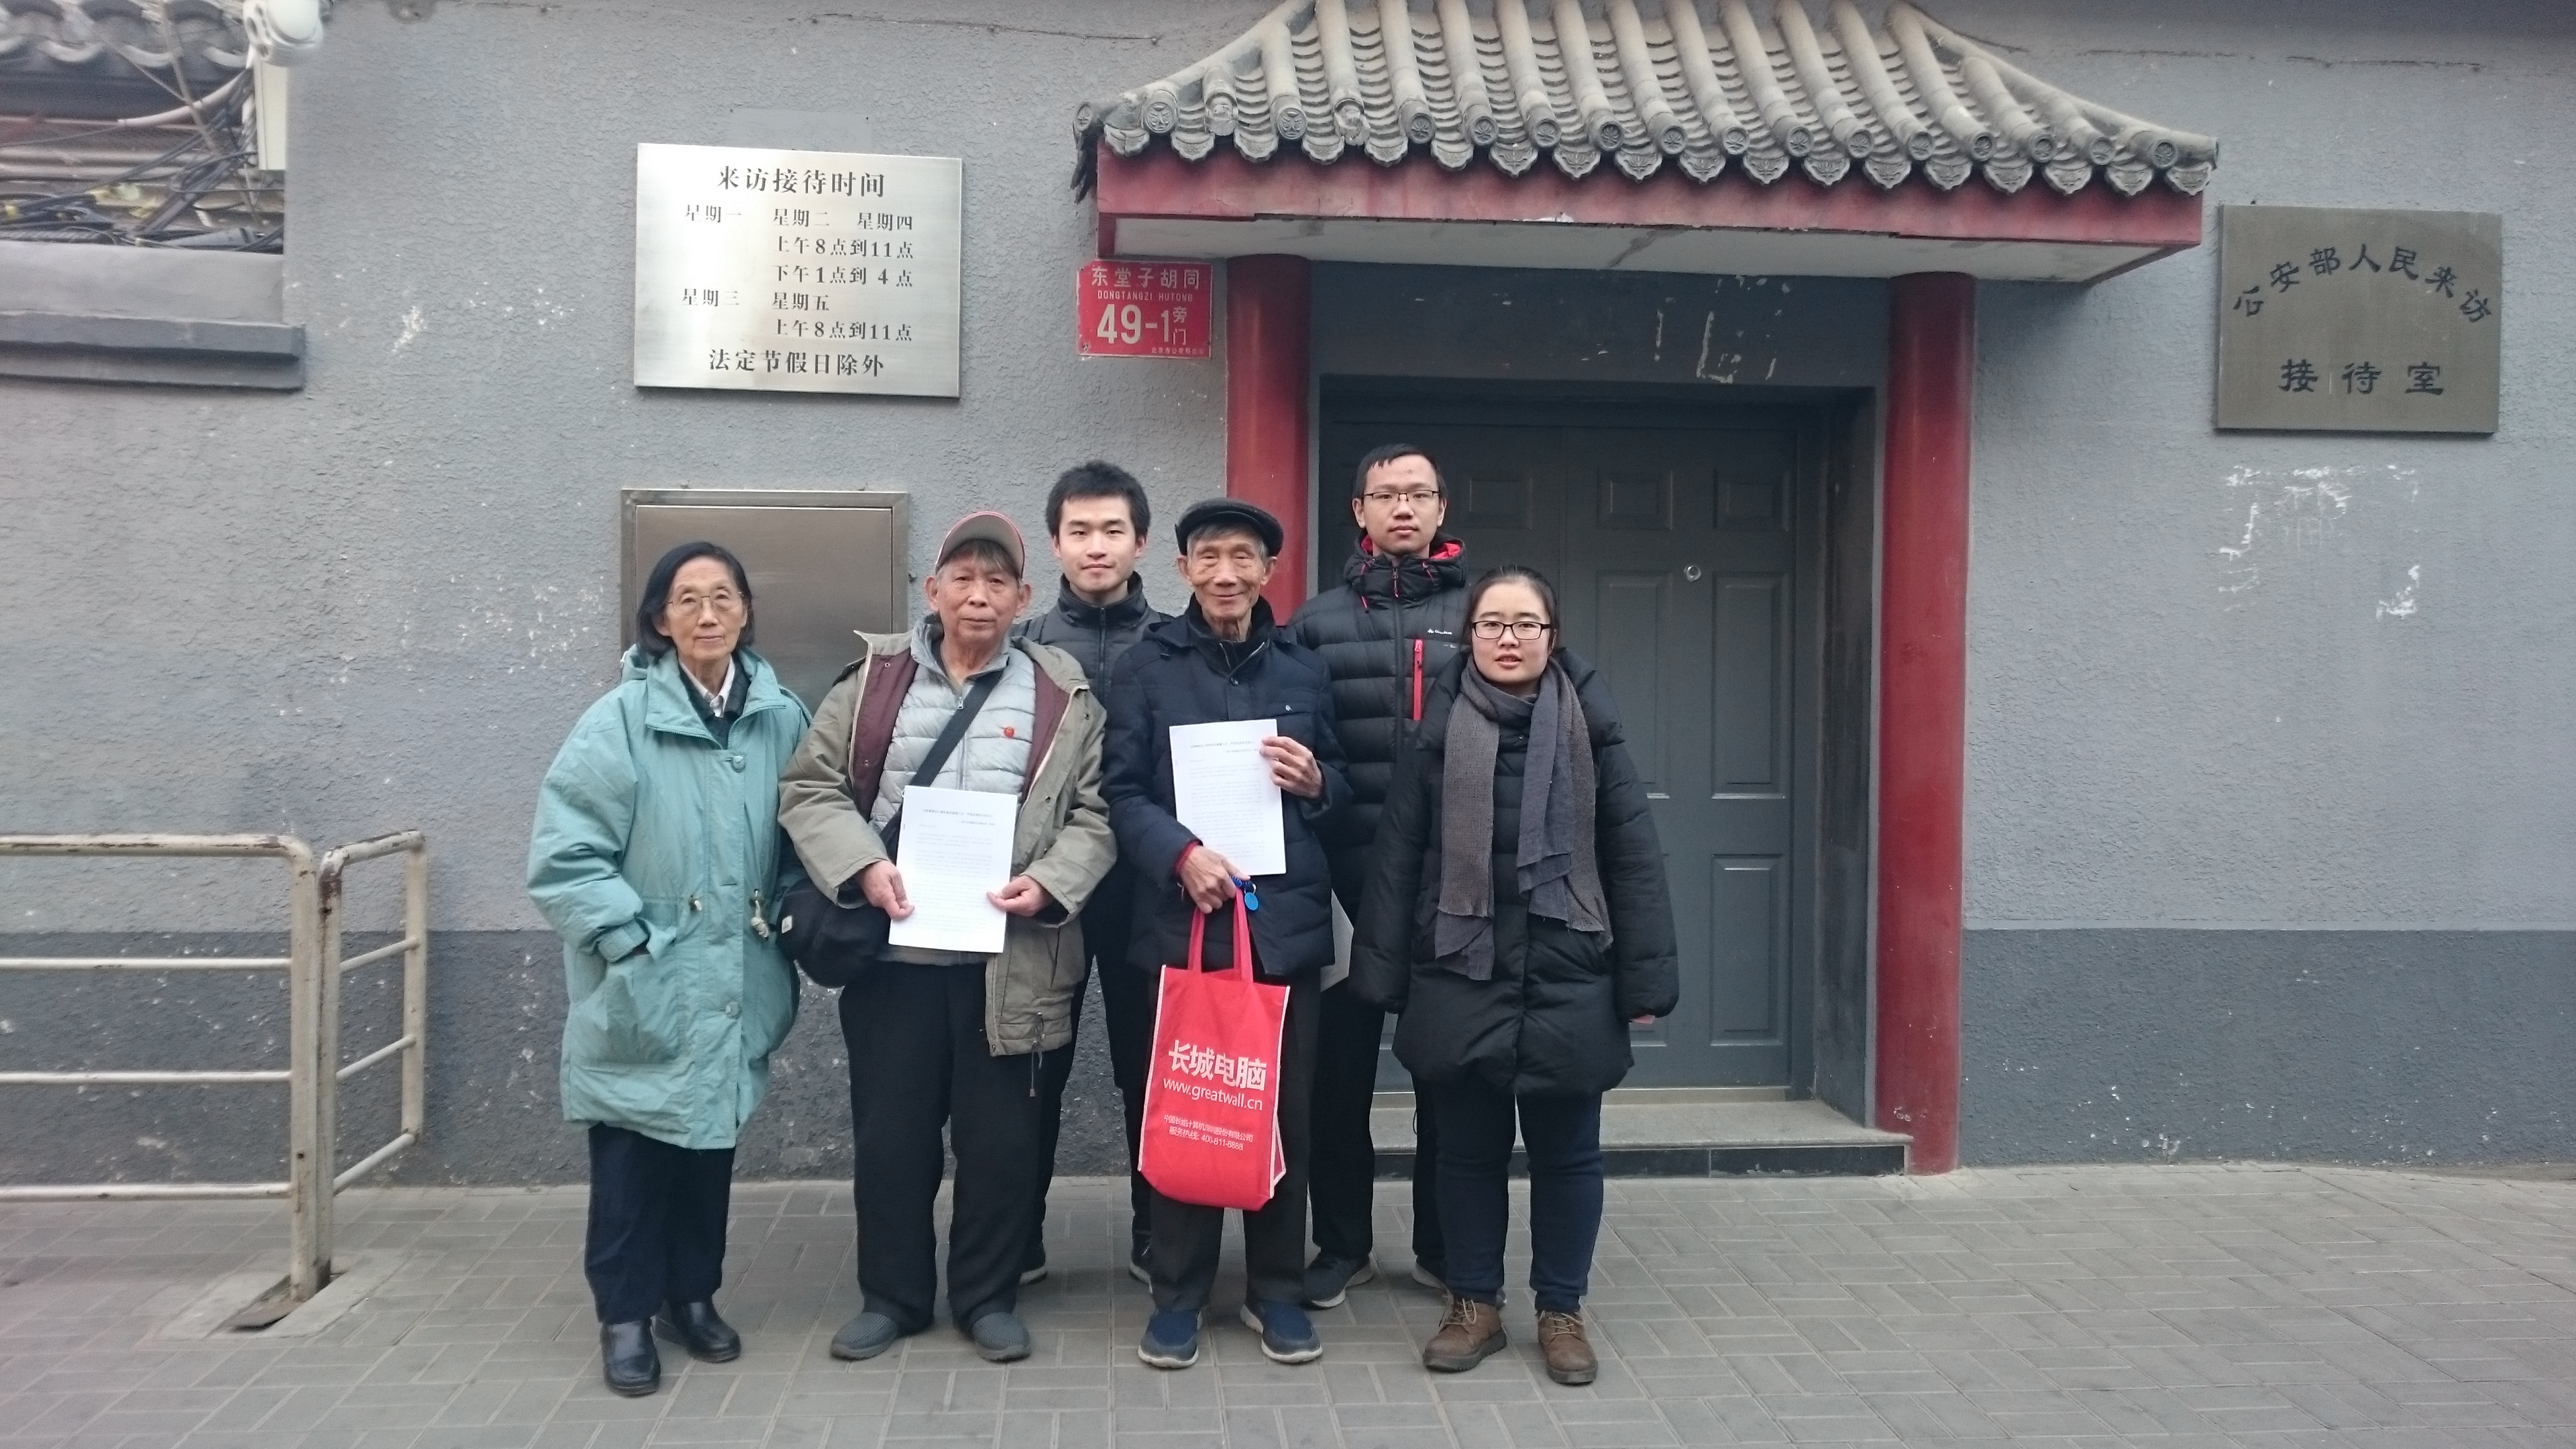 12月17日快讯|佳士工人声援团代表、一位学生代表与三位热心人士代表共同向公安部递交《给赵克志部长的一封信》